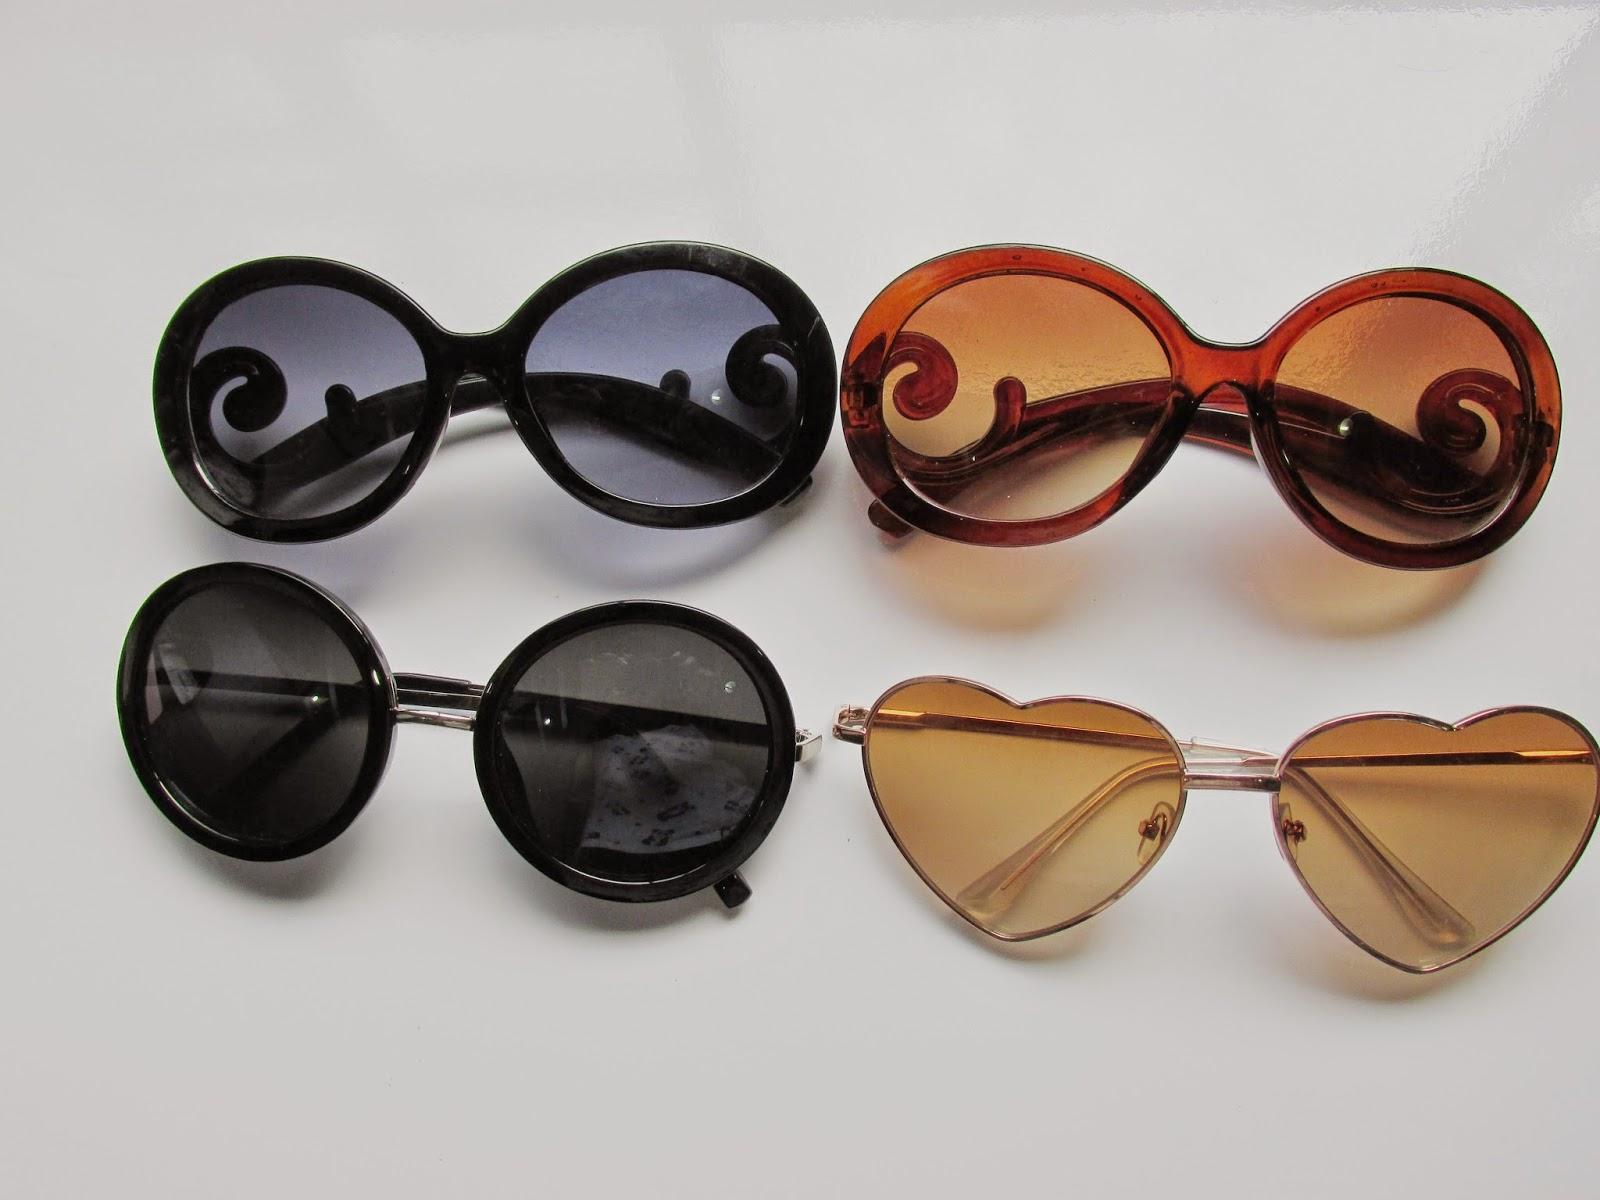 2869e208bb2d0 Adoro comprar óculos no Aliexpress por causa do preço que é muito bom. Os  óculos que compro uso somente para foto ou dias mais nublados só para dar  um ...